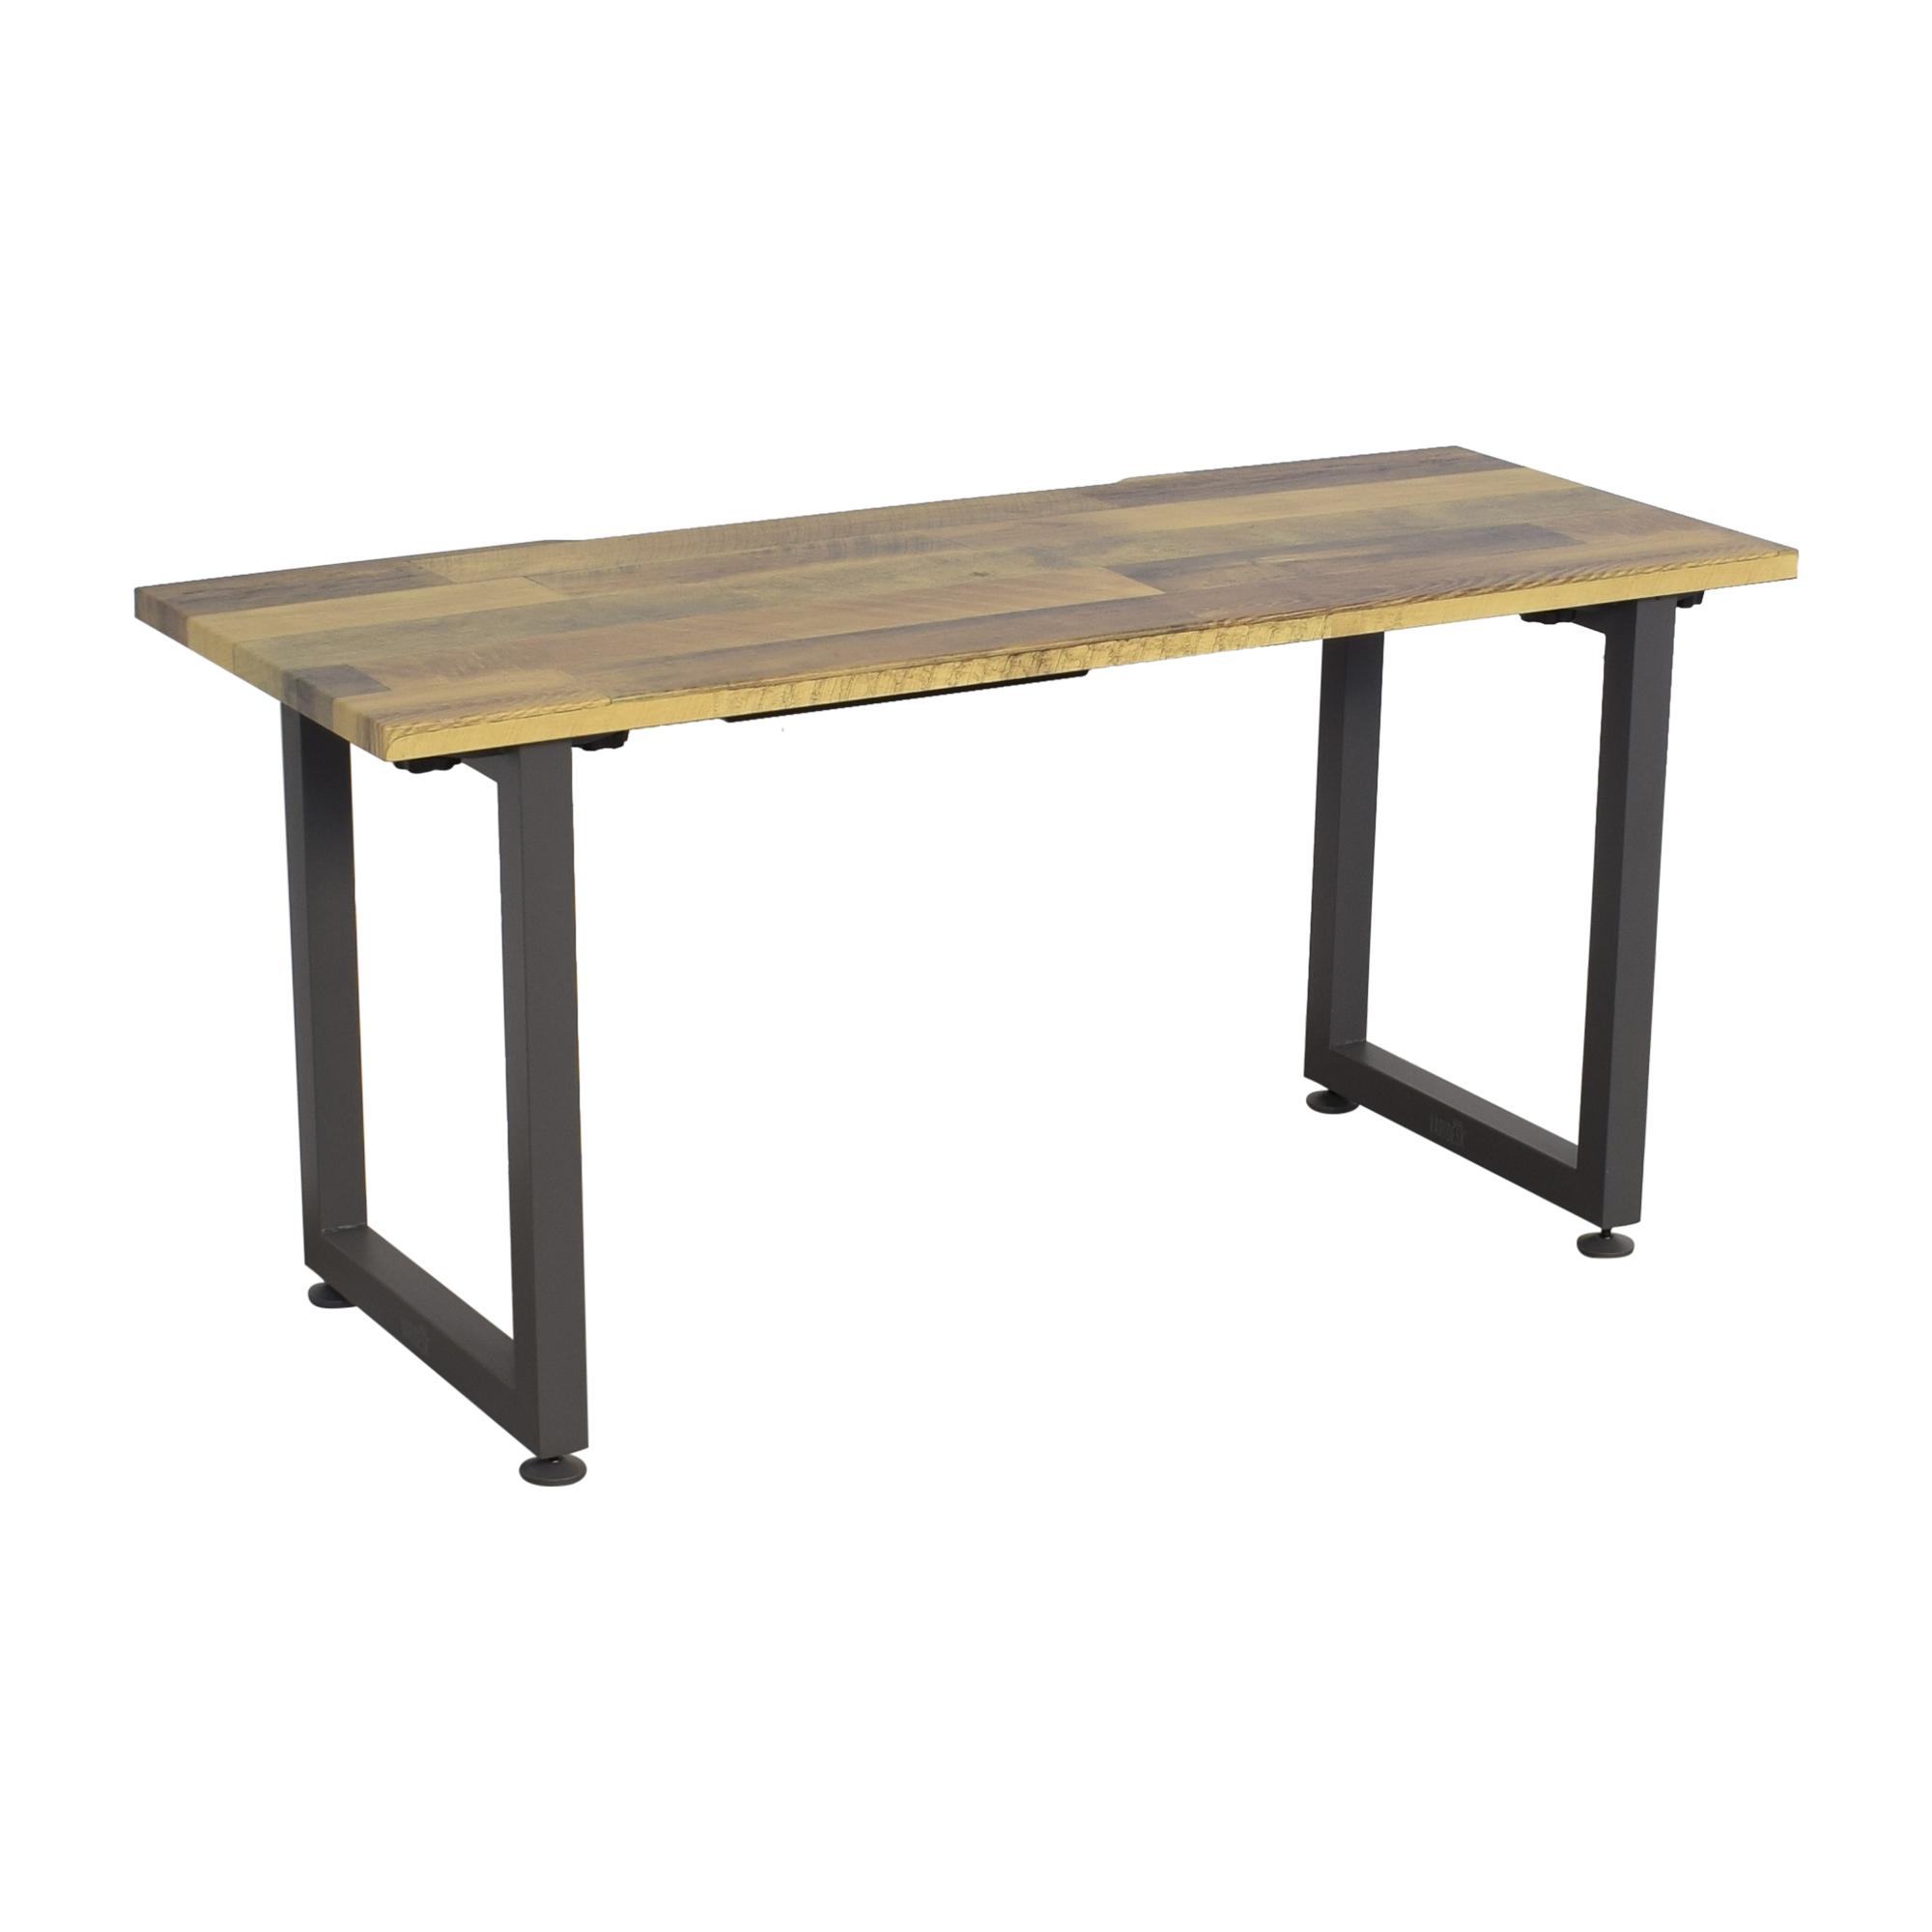 Varidesk Varidesk QuickPro Desk for sale